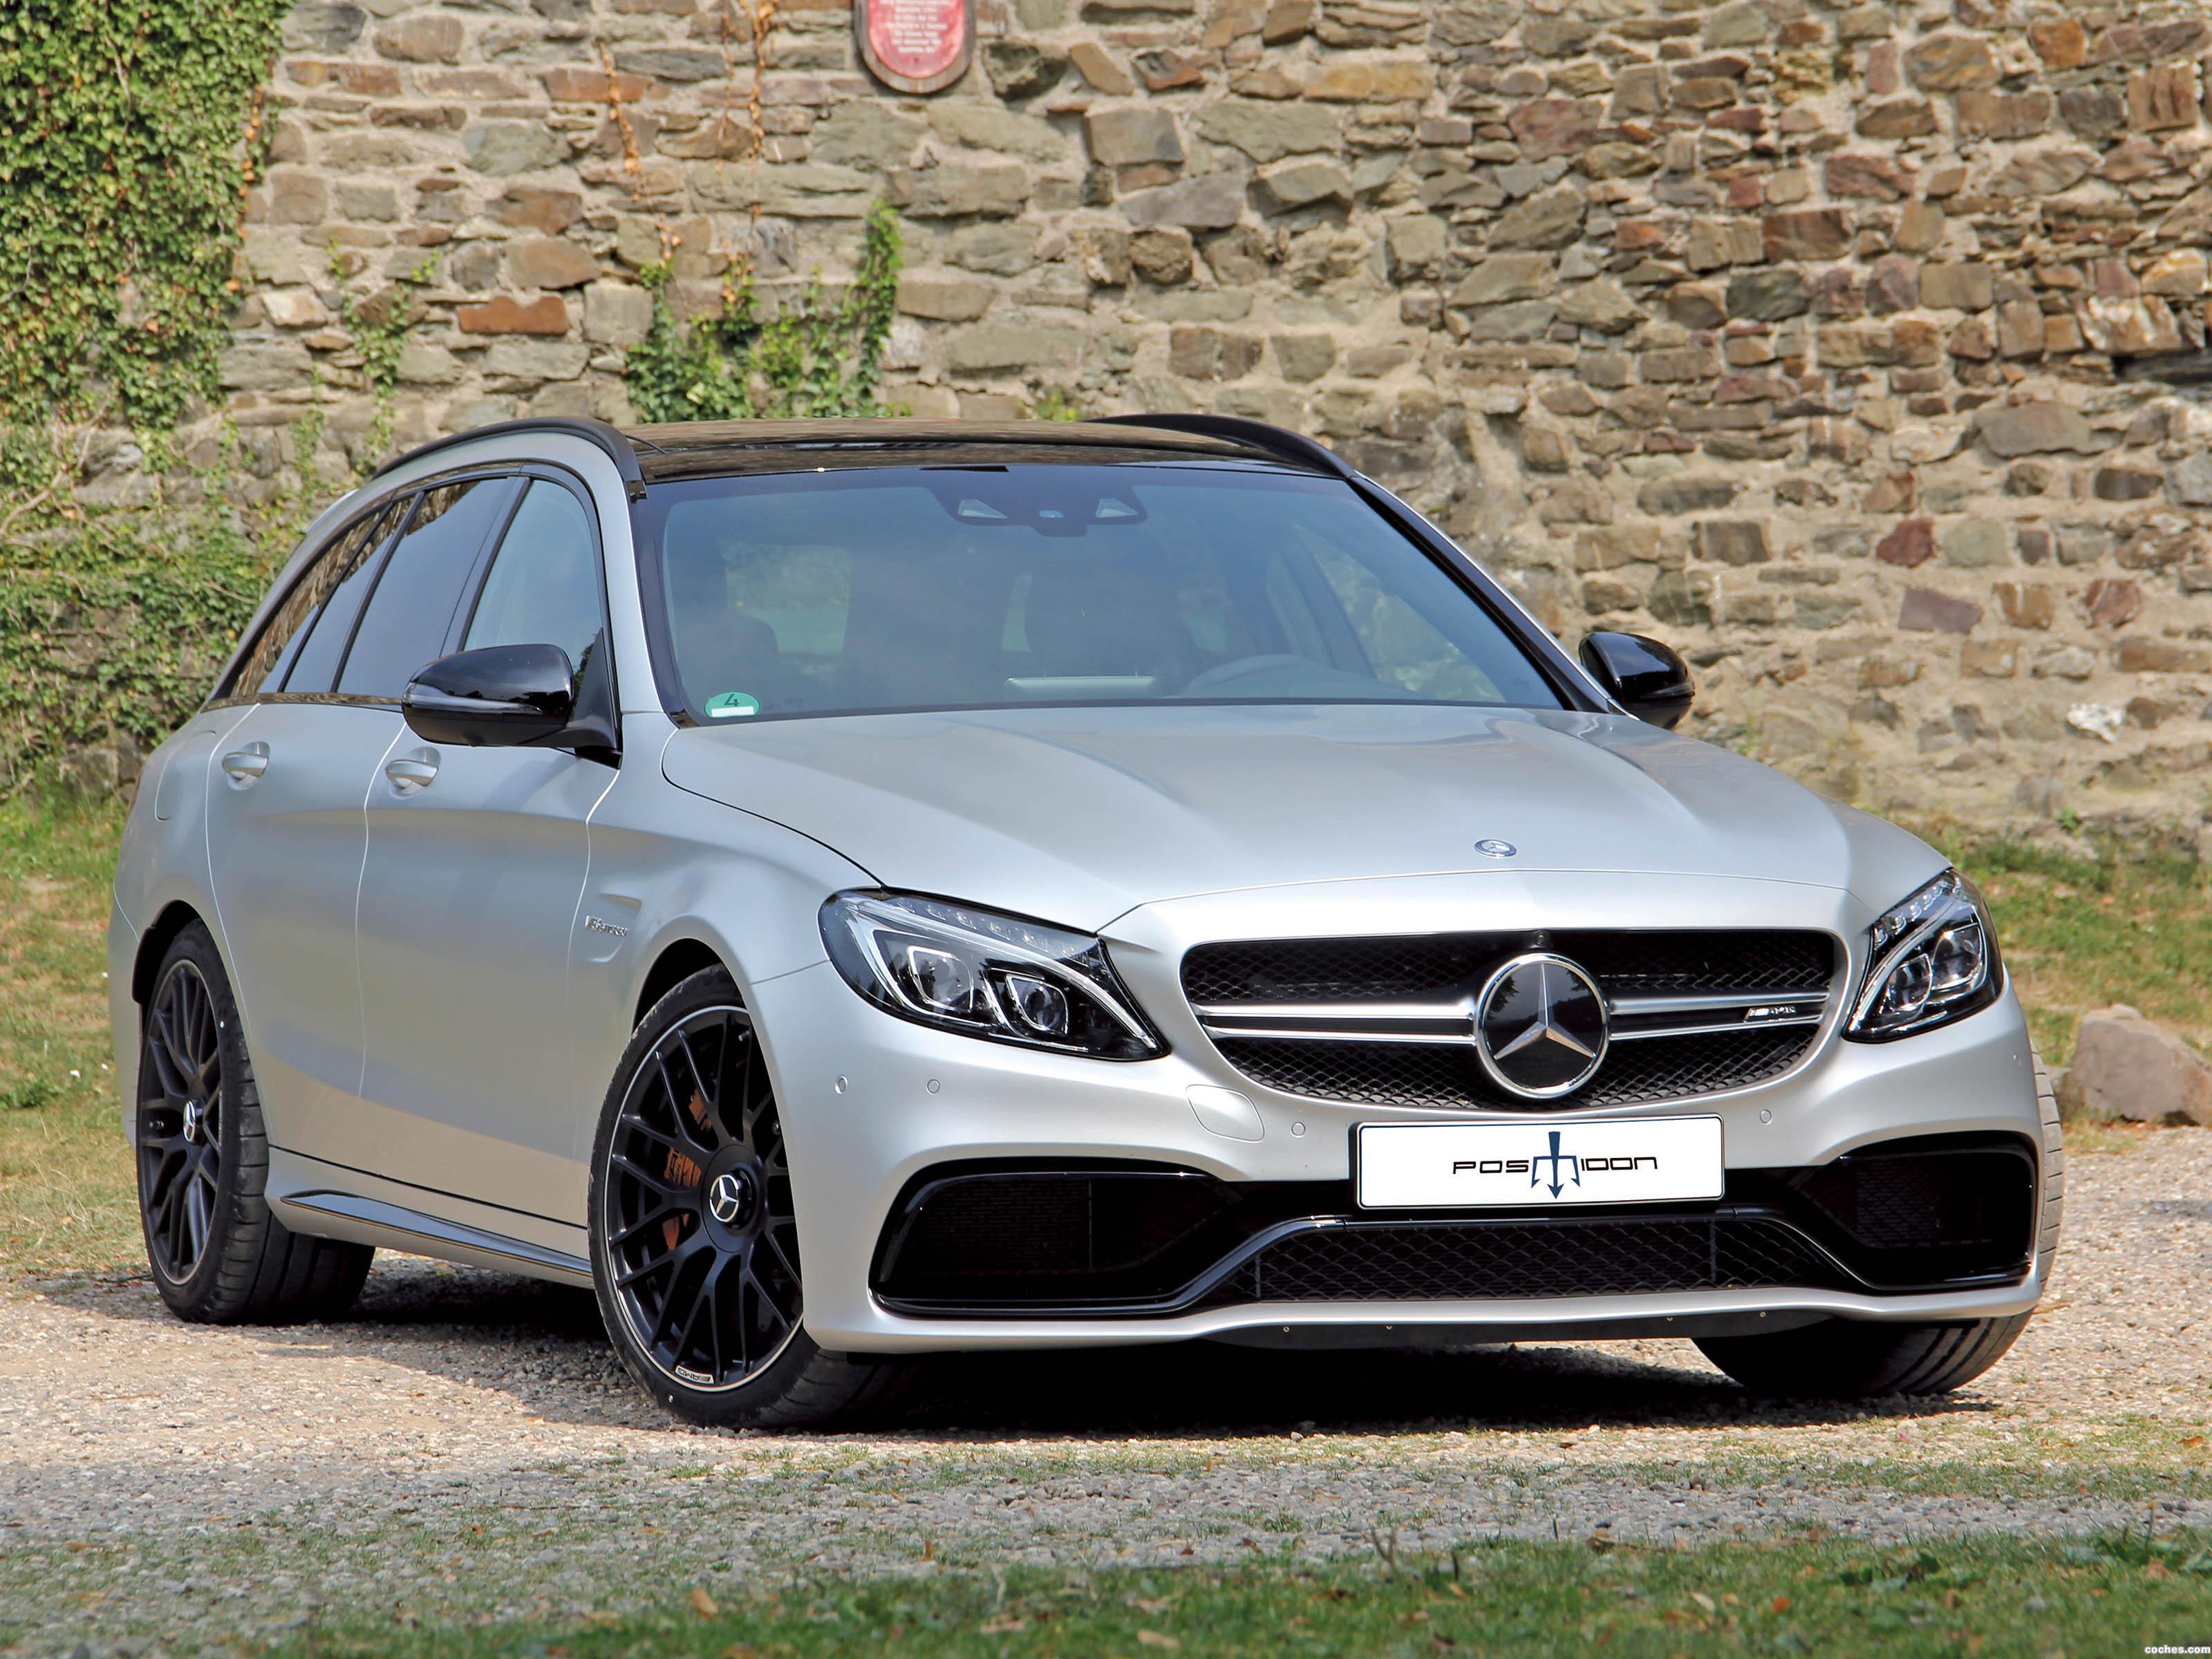 Foto 0 de Mercedes Posaidon AMG C63 Estate S205 2015